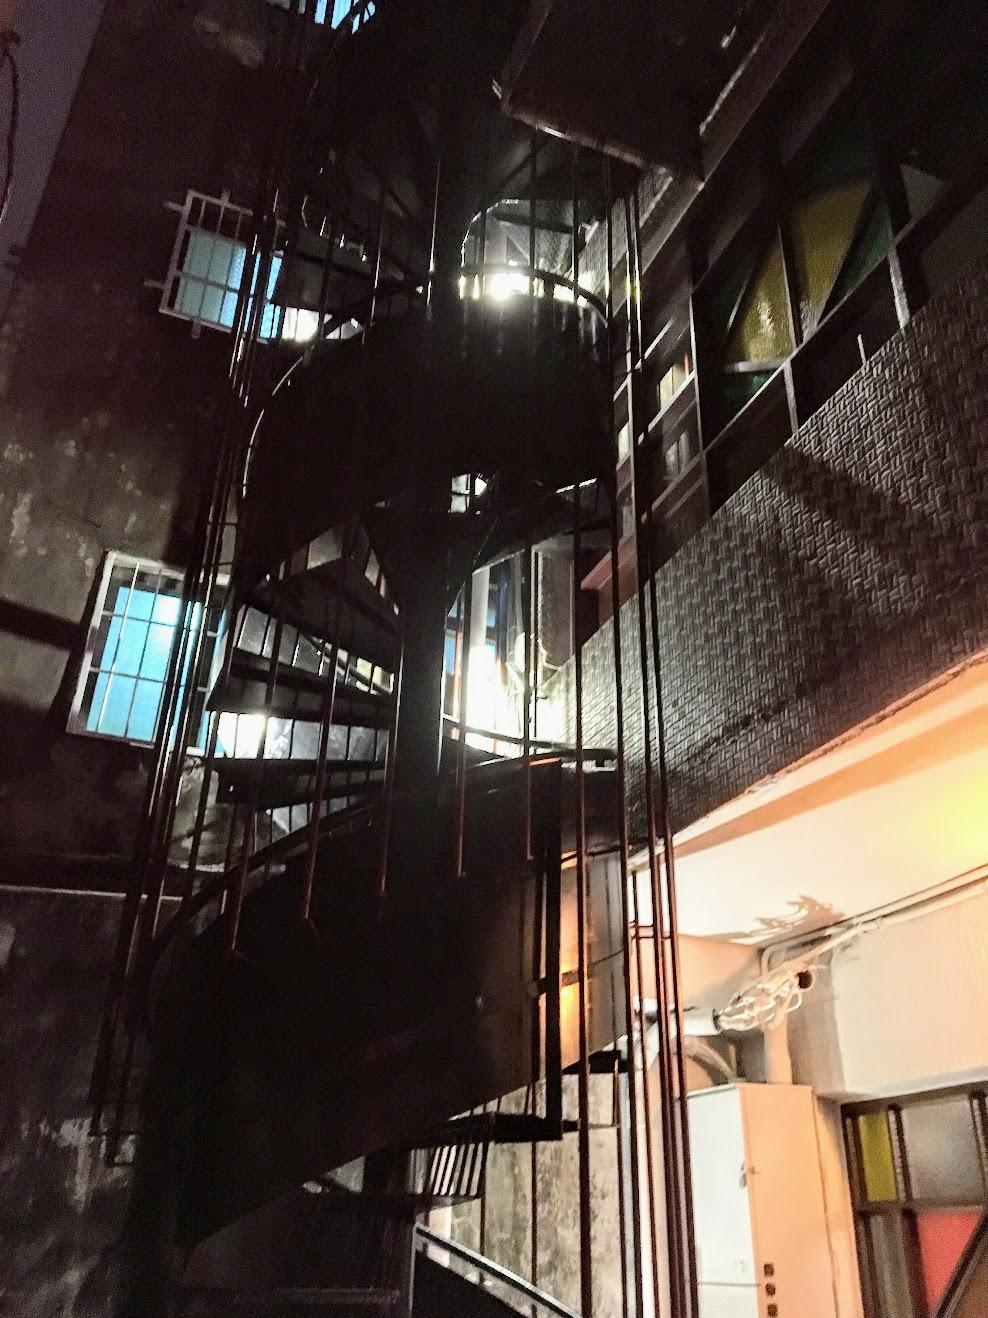 在青年路上台灣銀行隔壁,原本是三個民房由老闆改裝成新的店面,一二樓將會做簡餐店(還沒開始營運),三樓則需走這個旋轉樓梯才能到...三樓是本篇主角,萬吧!